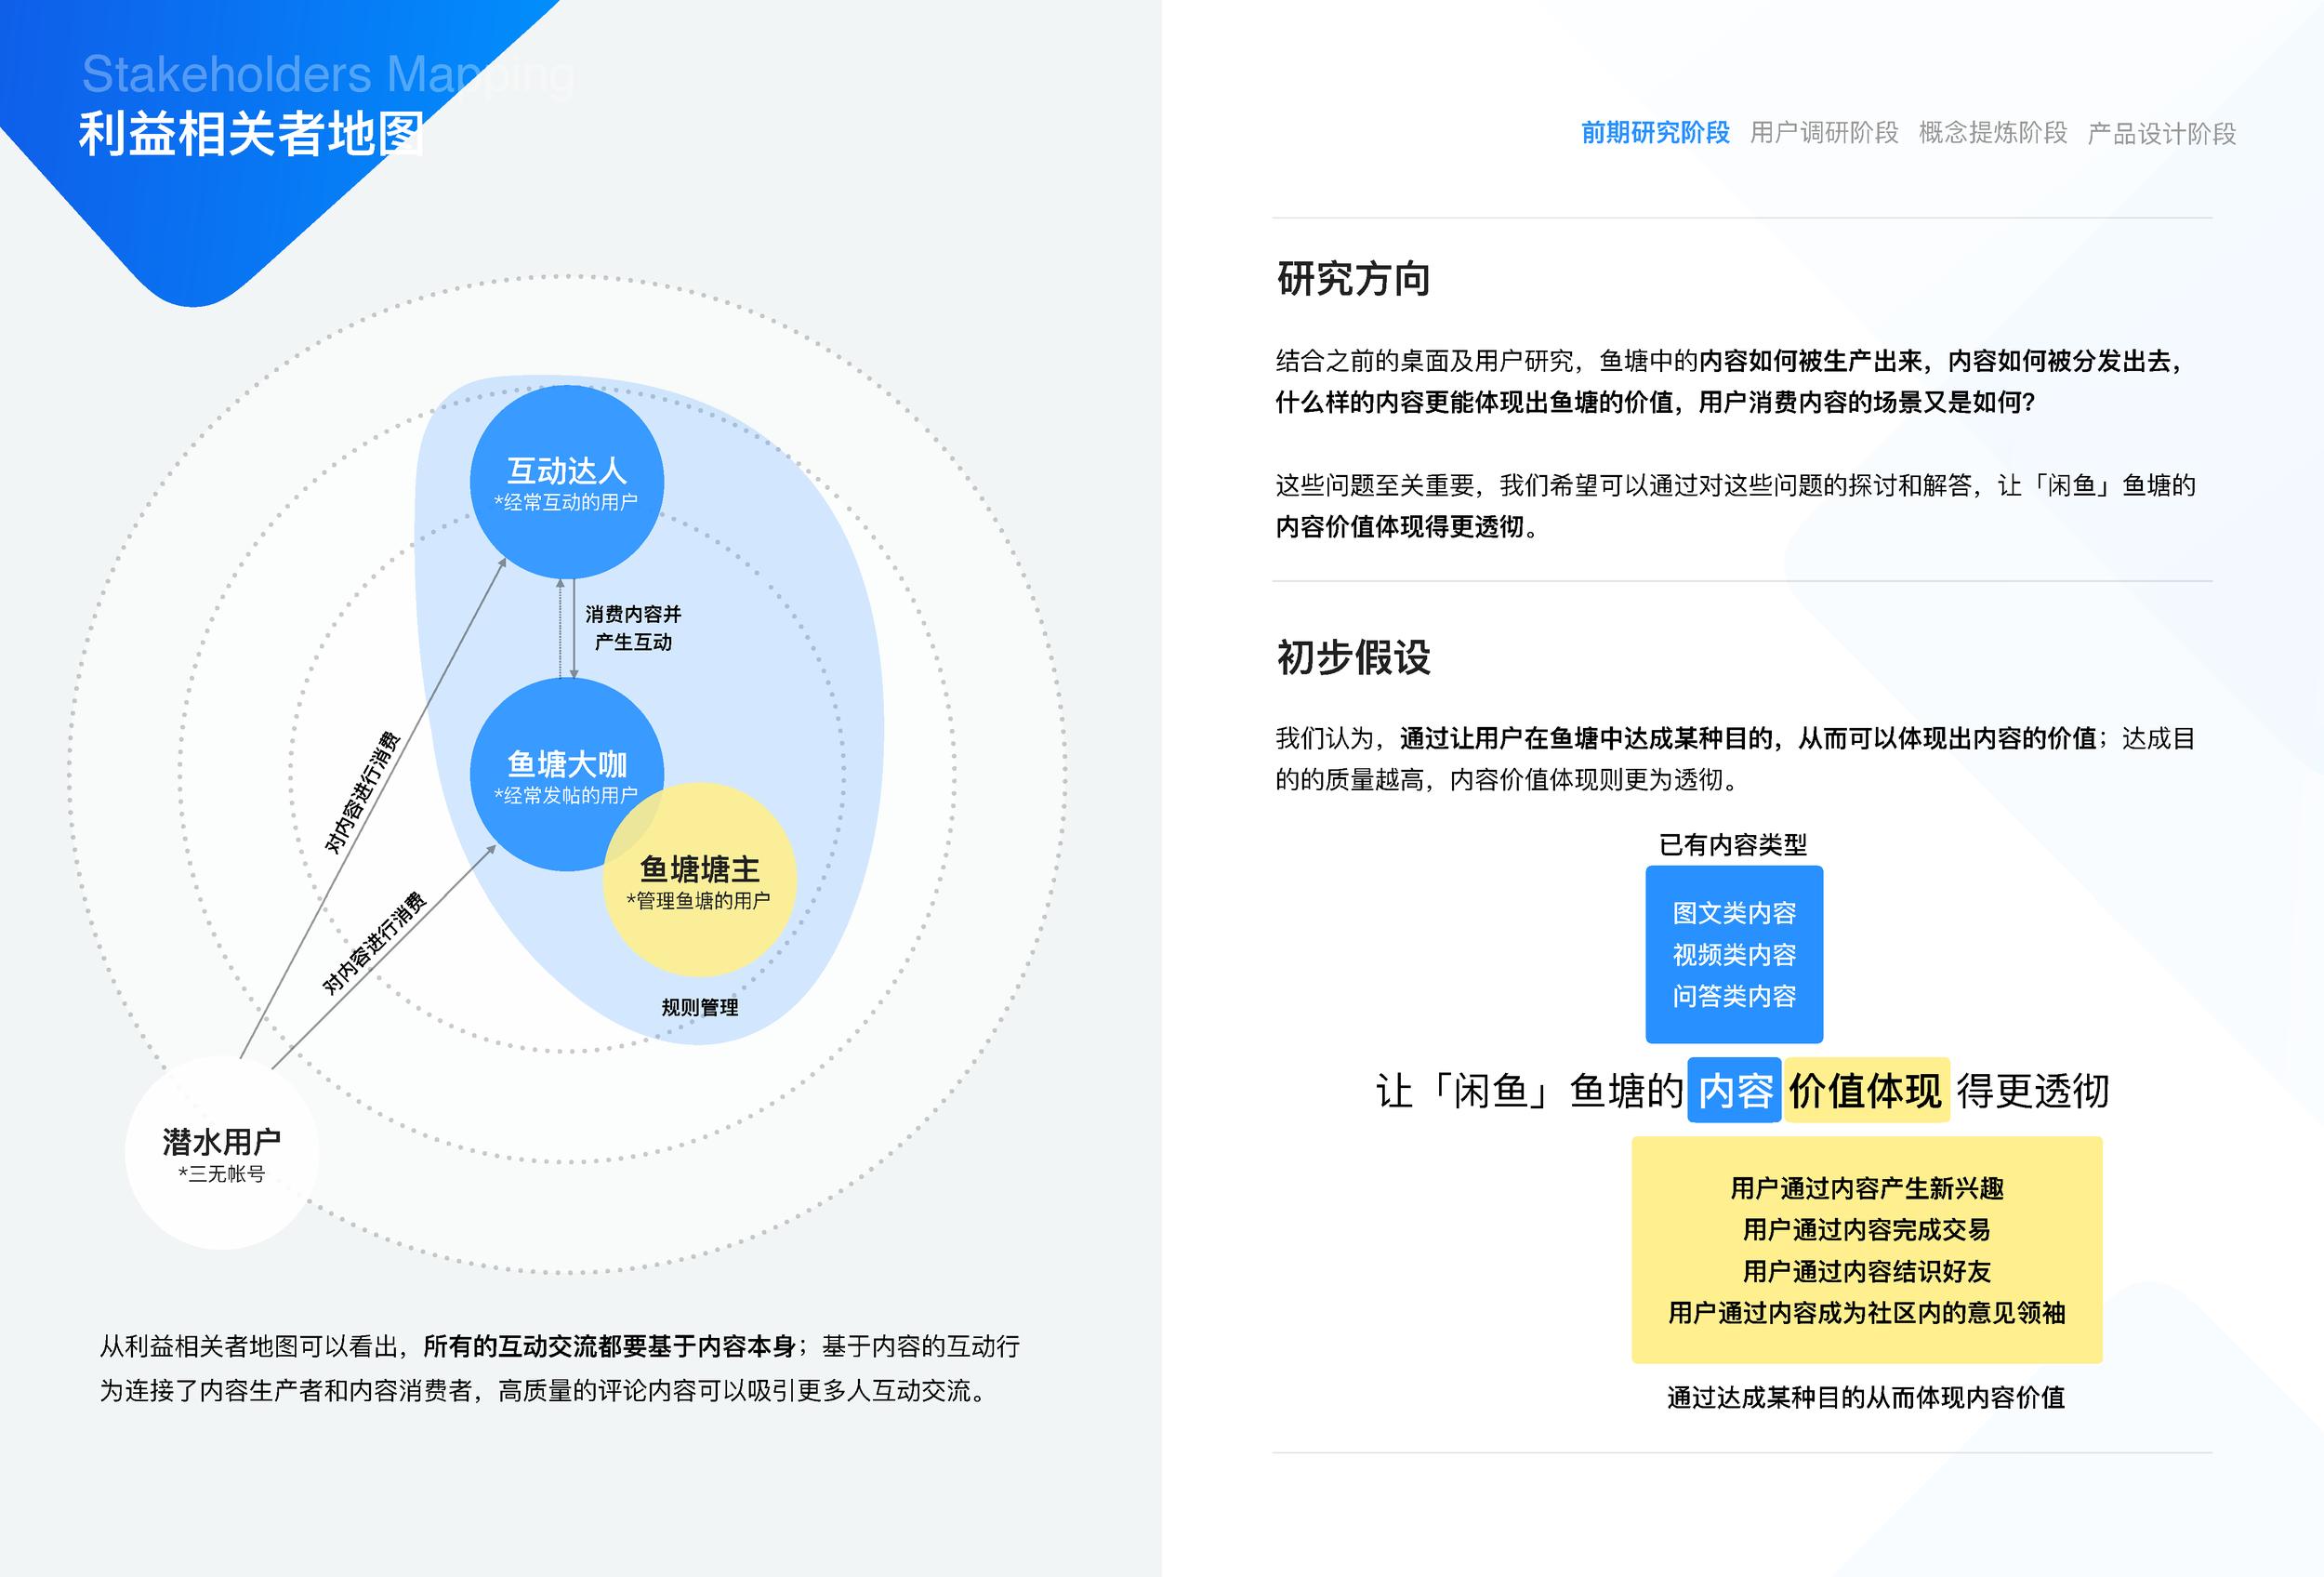 闲鱼社区互动设计(17小组油猫饼)_页面_05.png